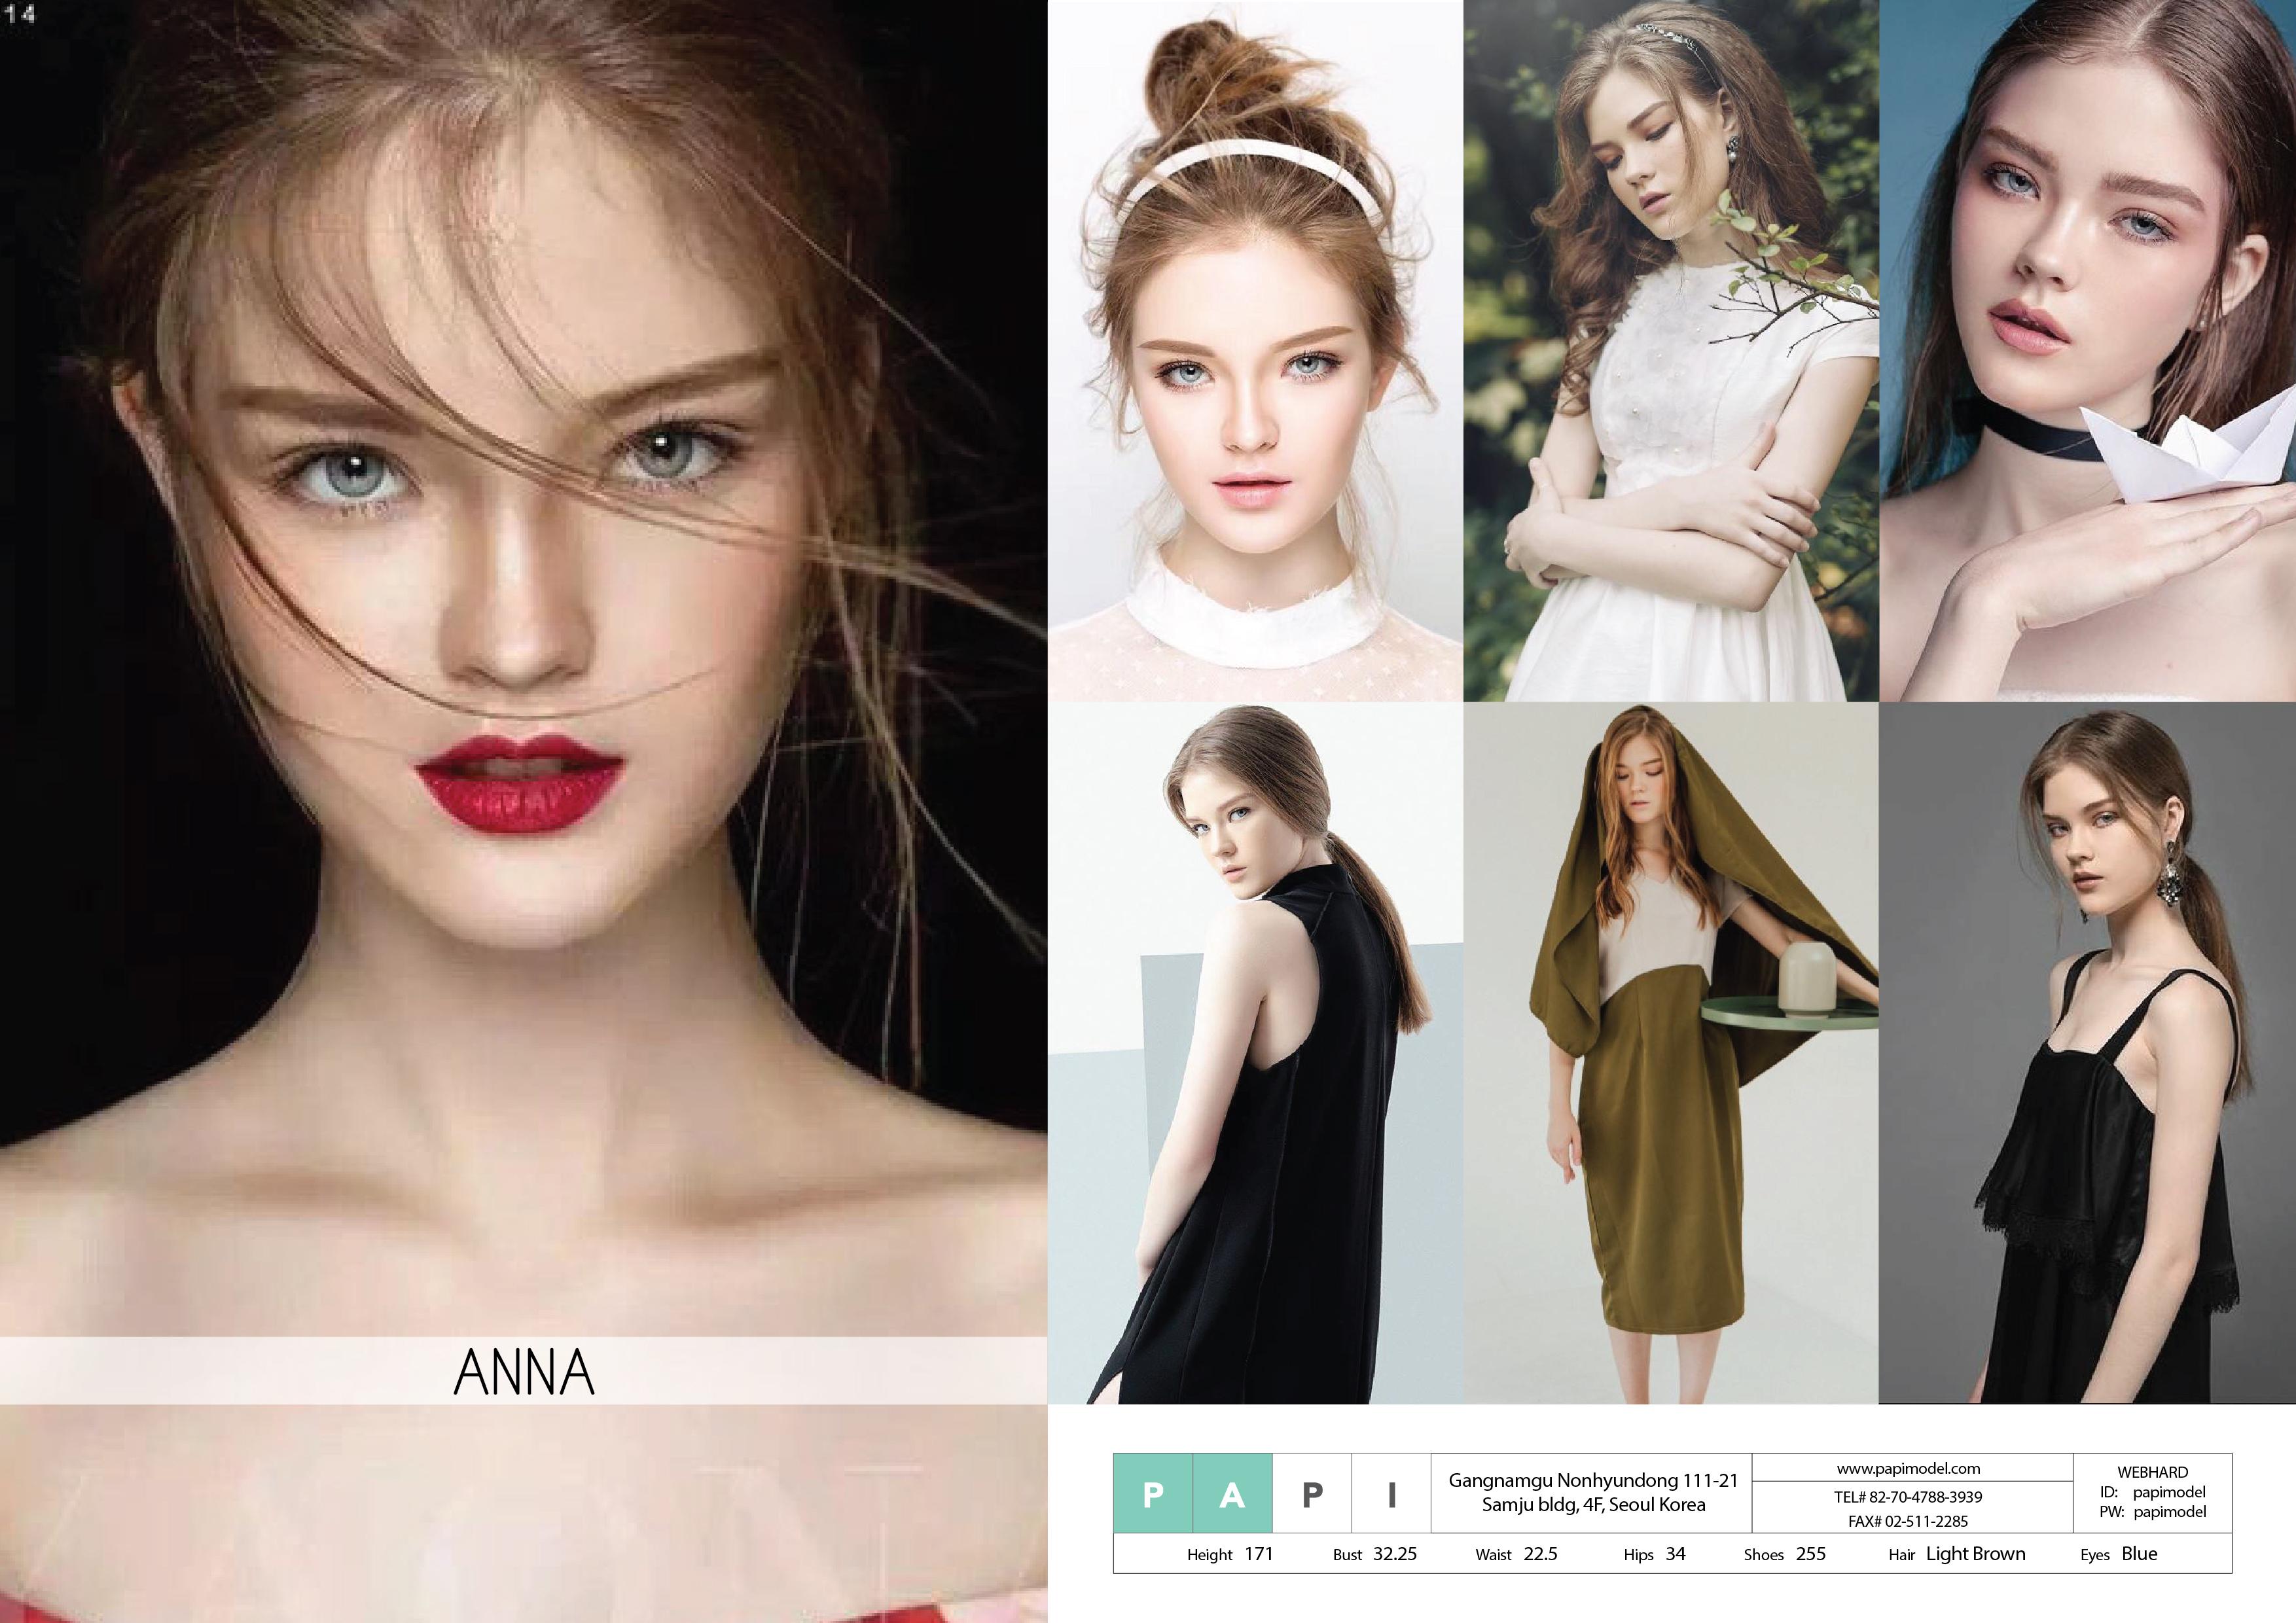 [PAPI] Anna